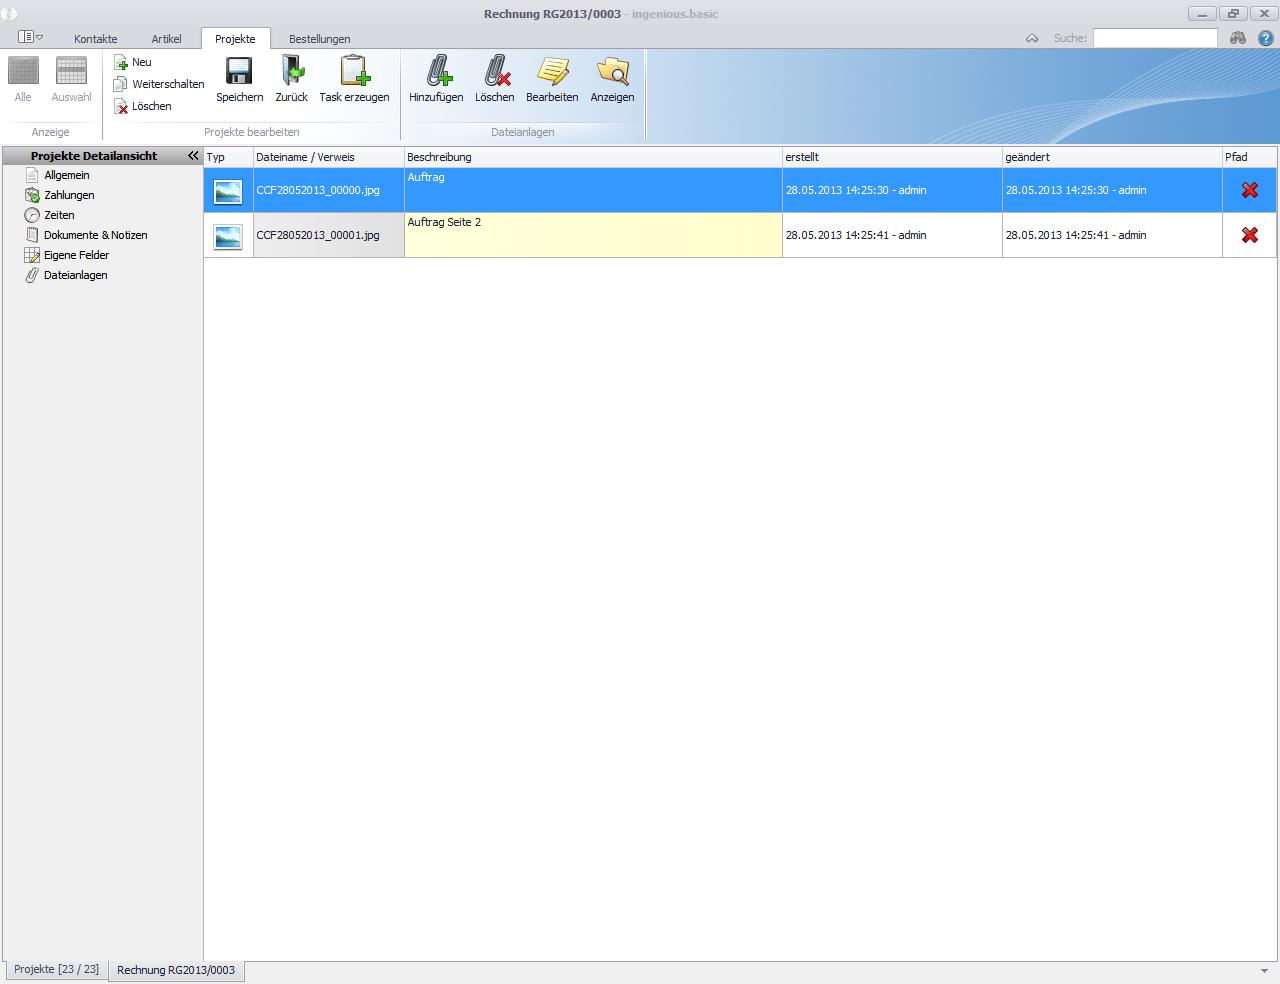 Projekte Detailansicht Dateianlagen